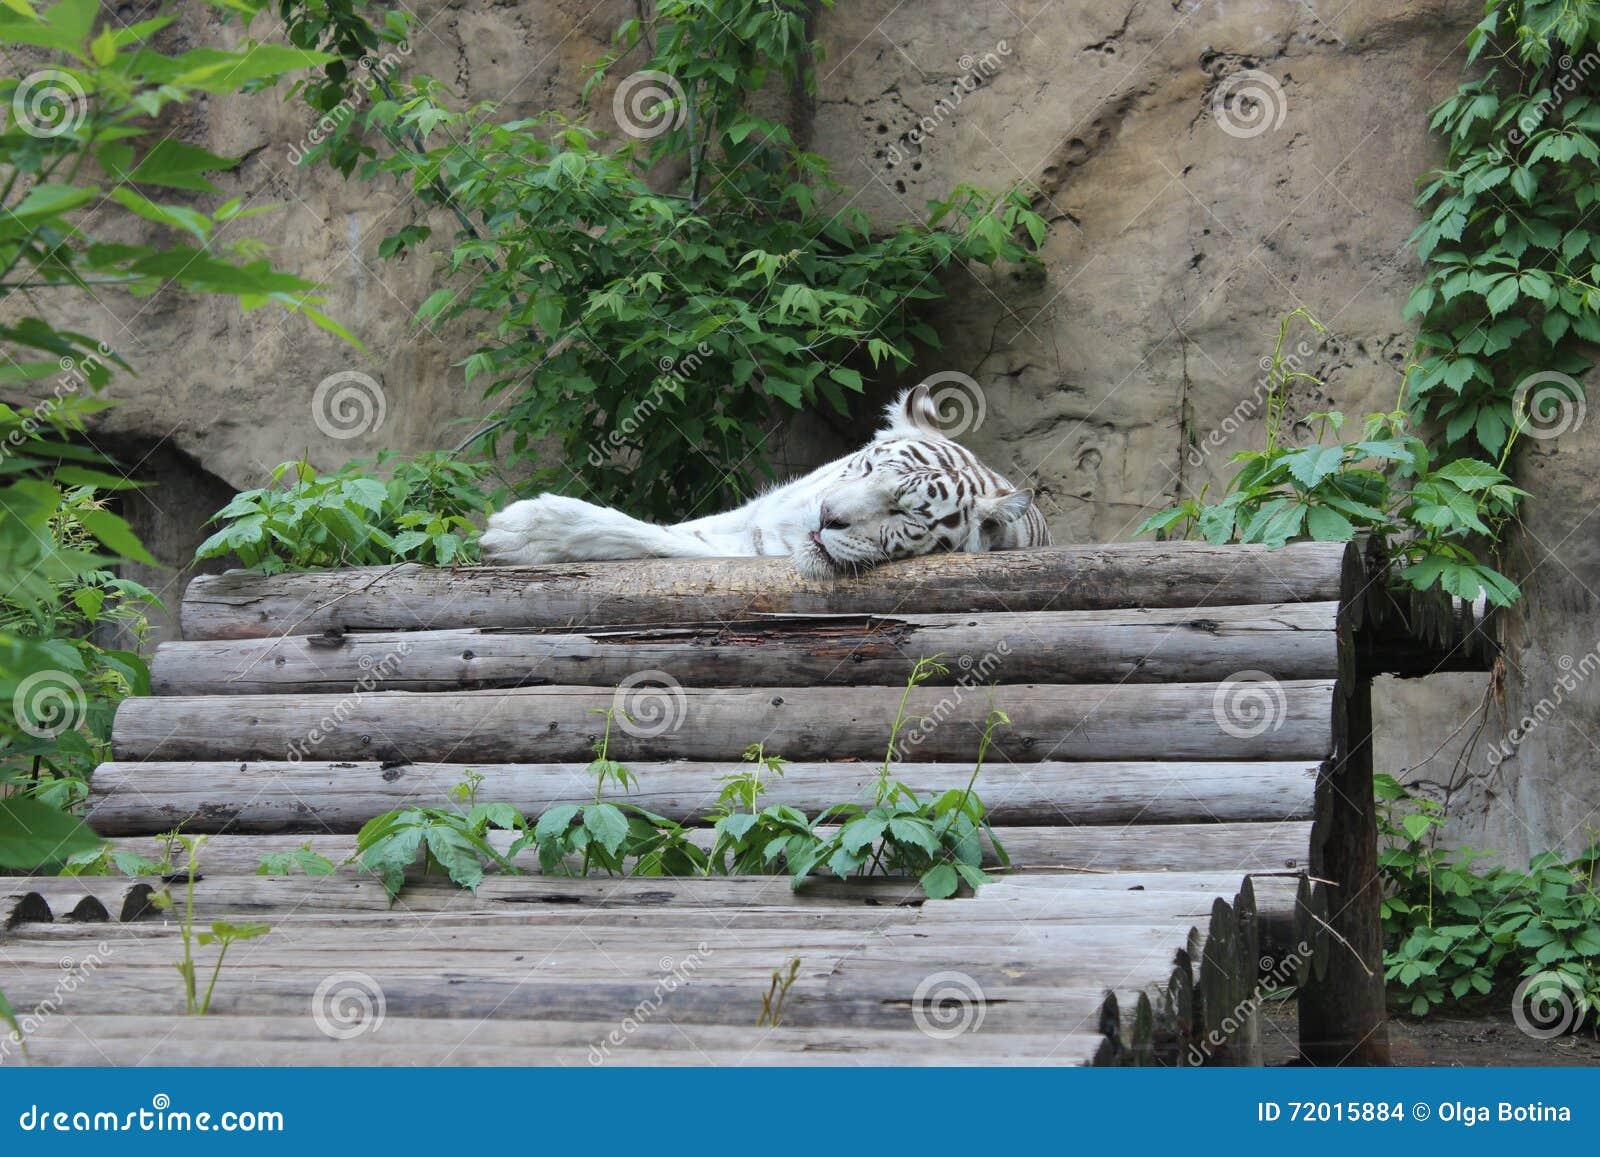 Tygrys śpi white